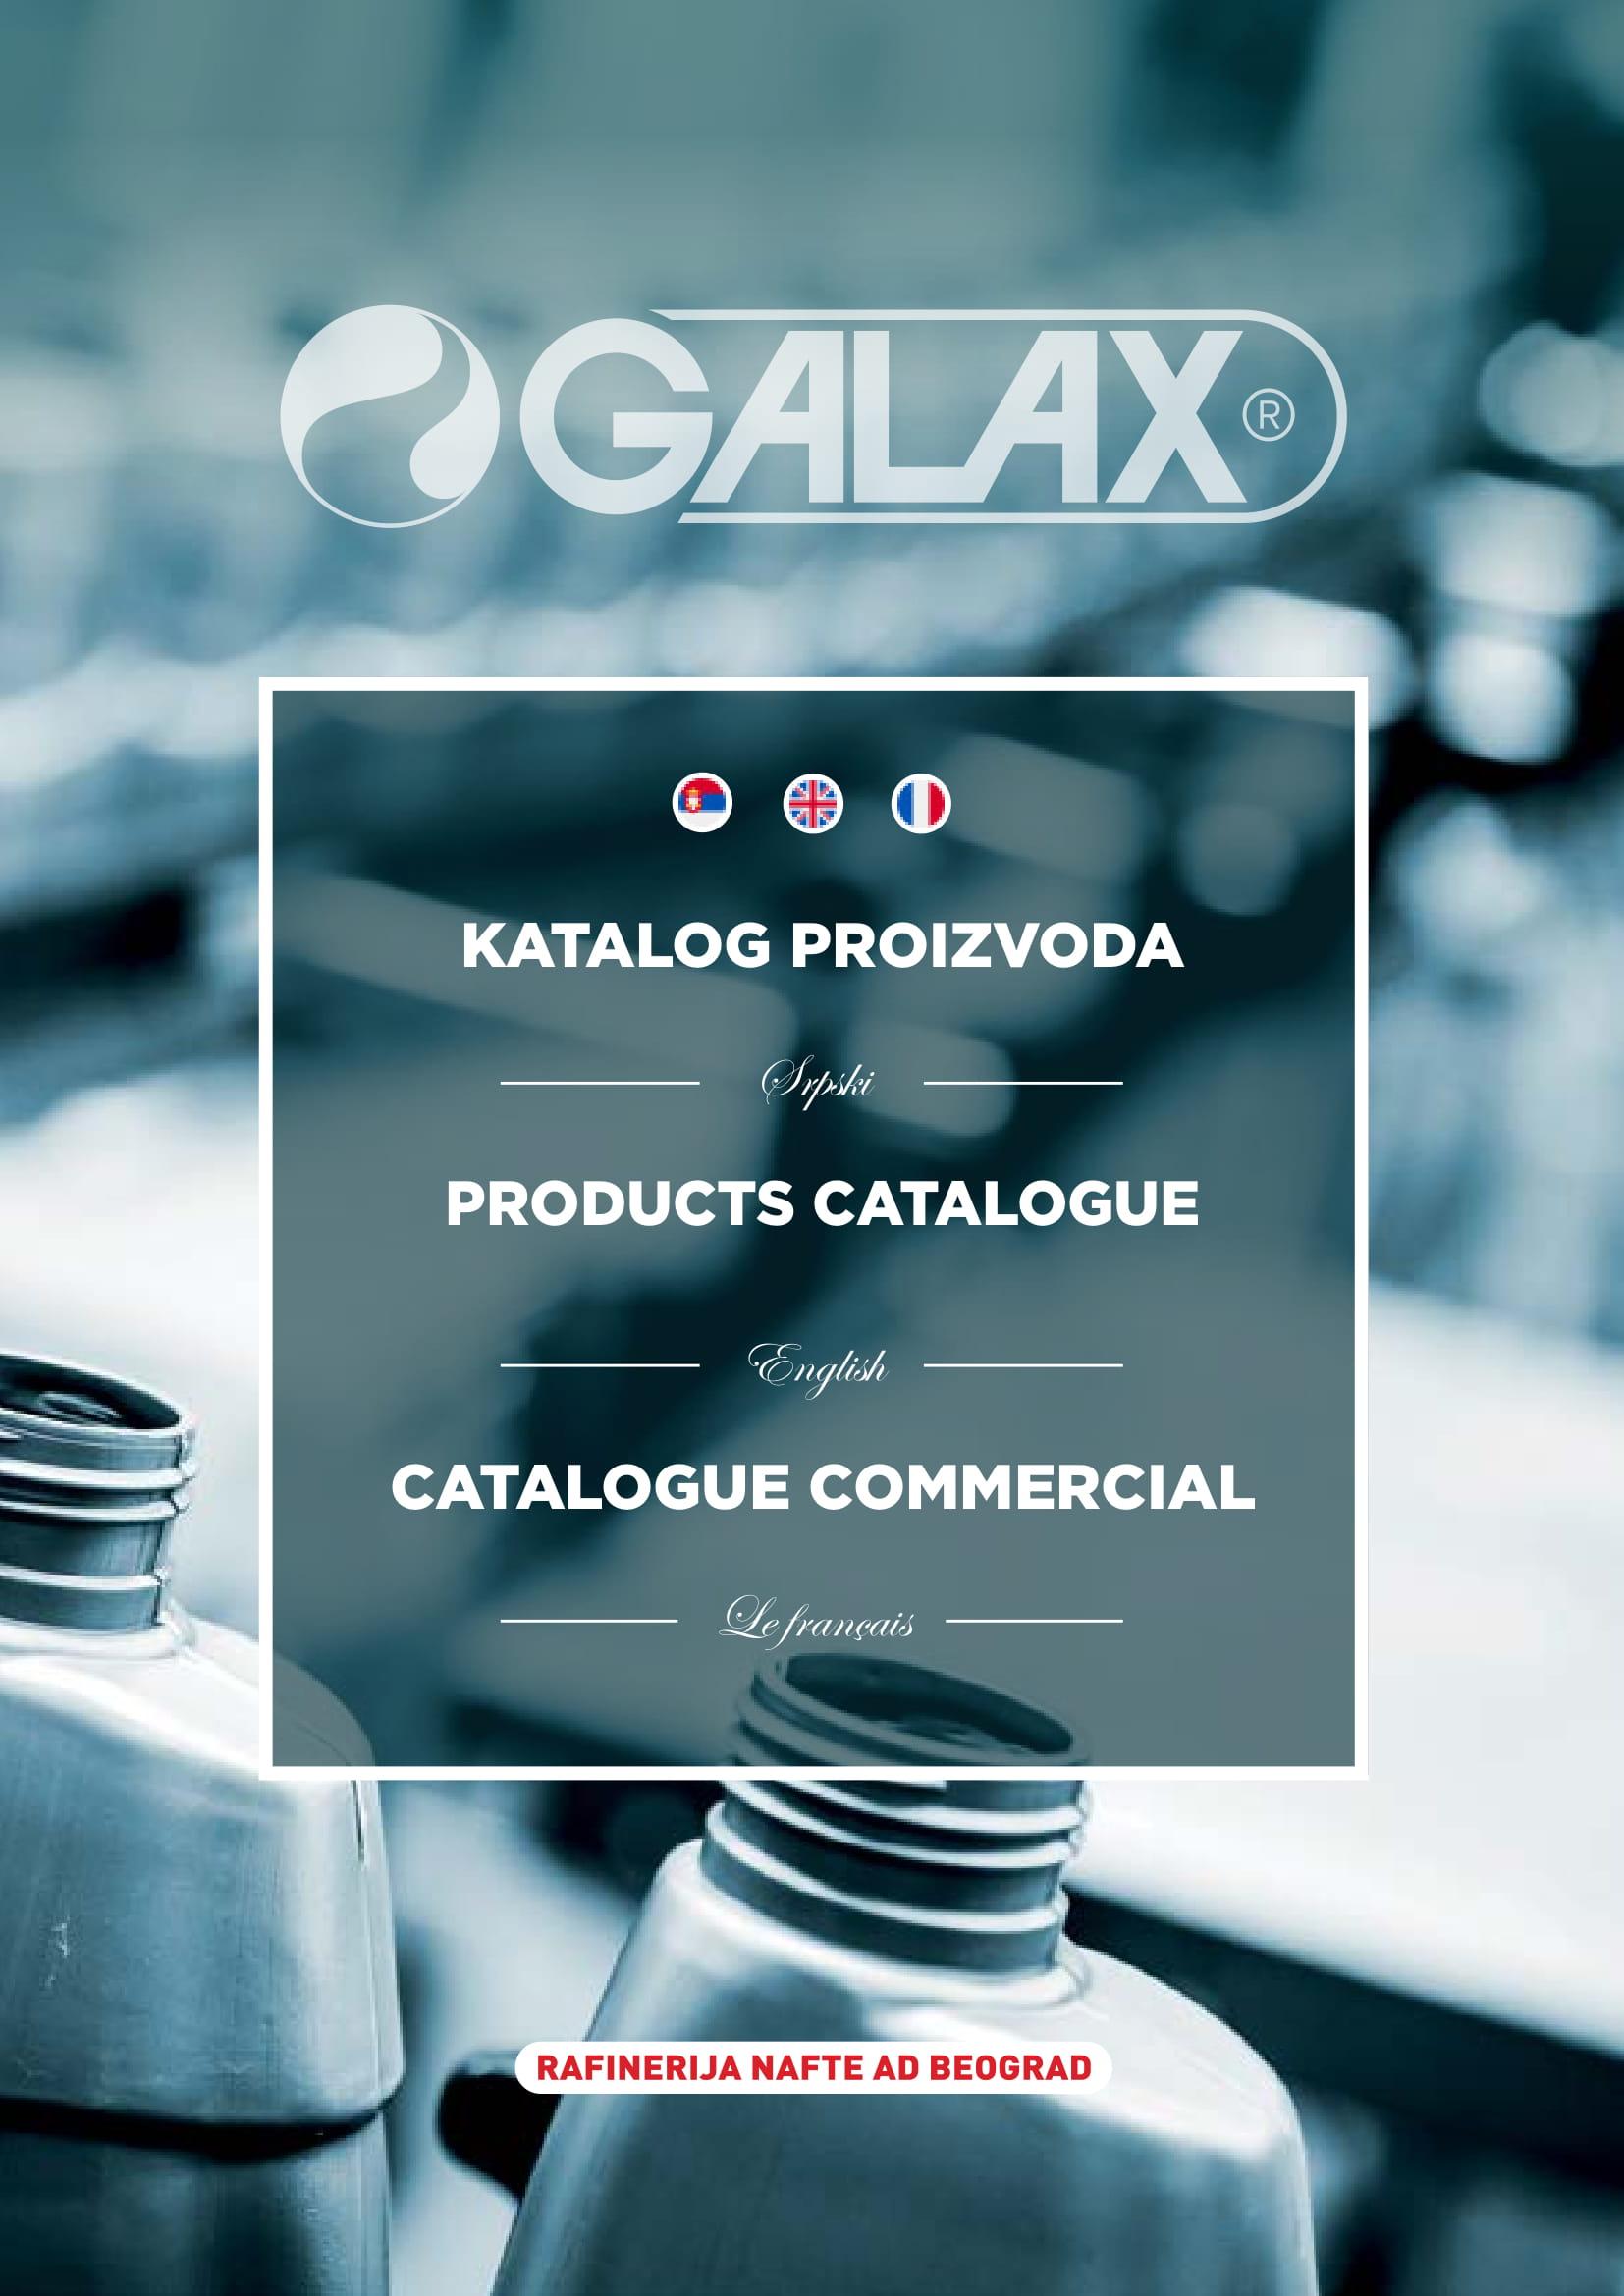 Motorna ulja - Katalog proizvoda